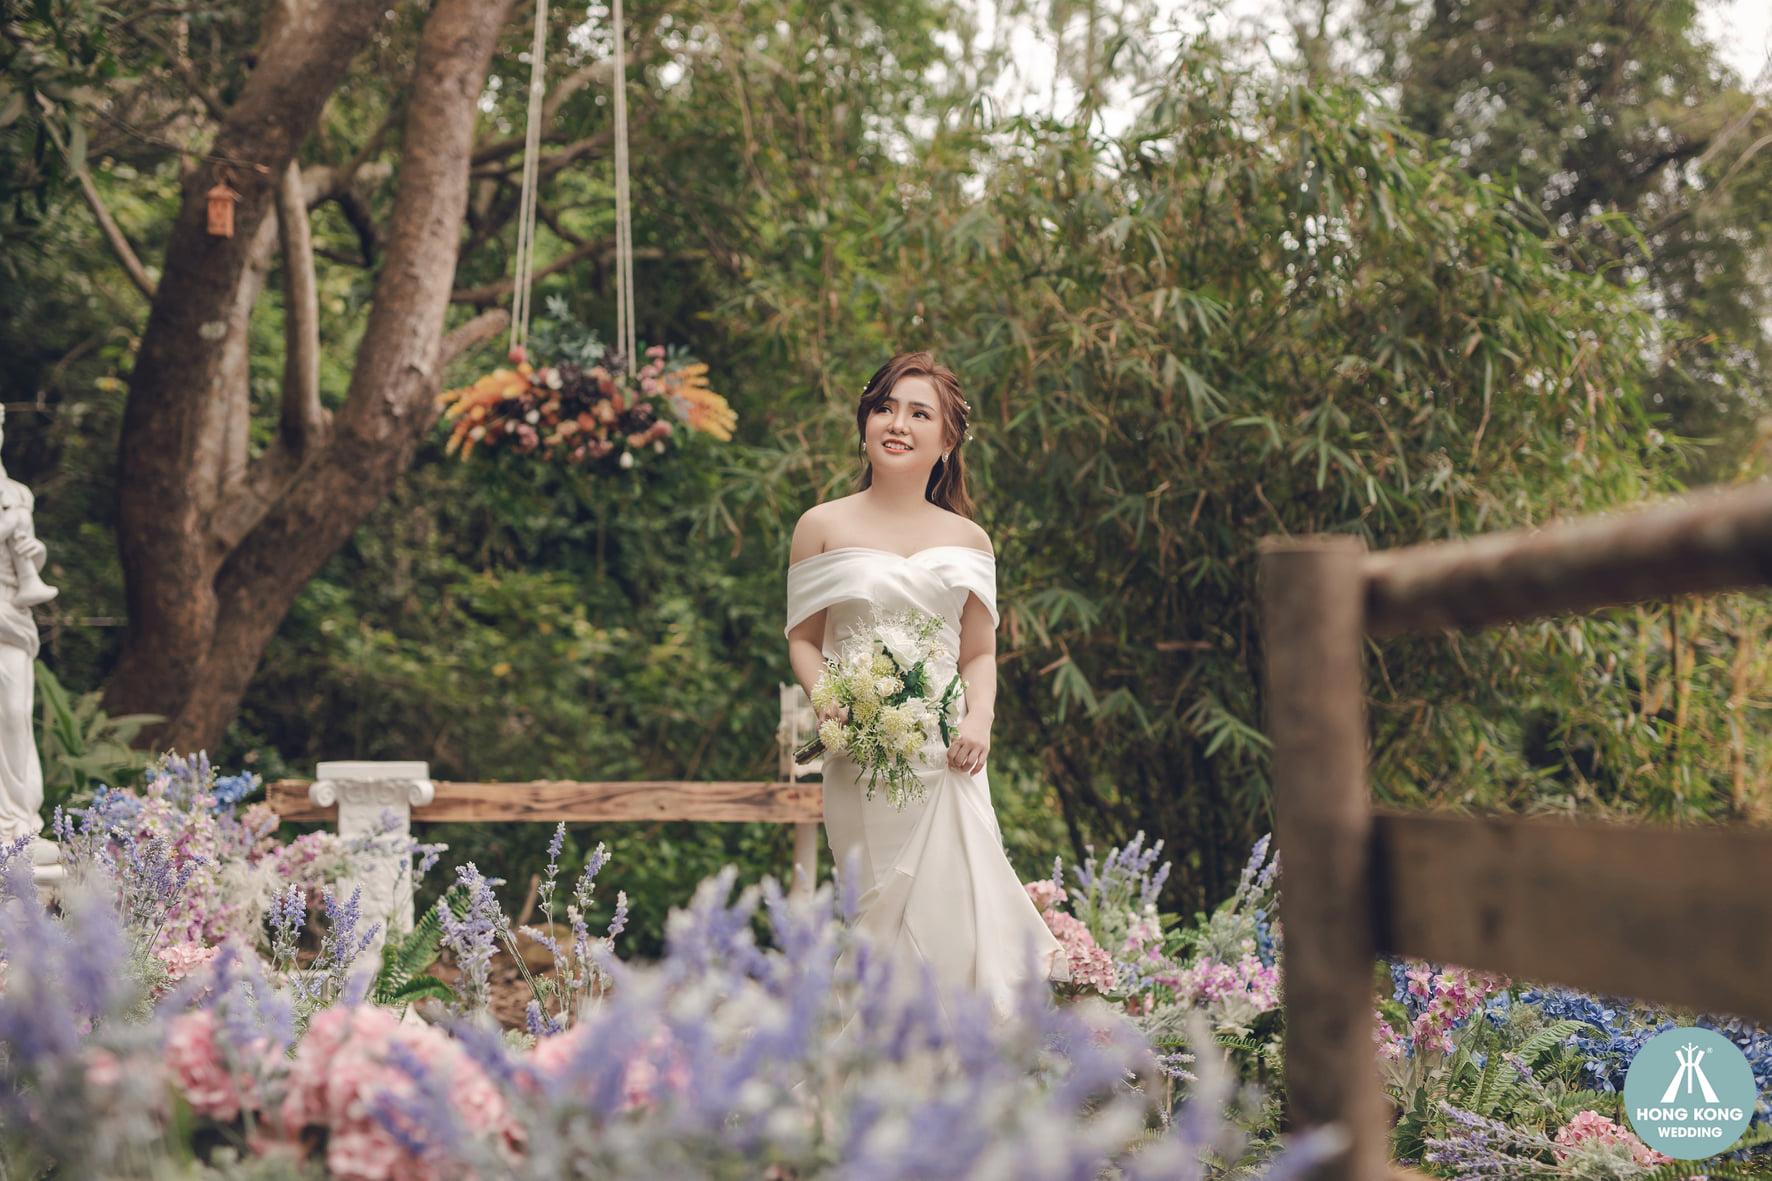 Hồng Kông Studio - studio chụp ảnh cưới ở Tp.HCM